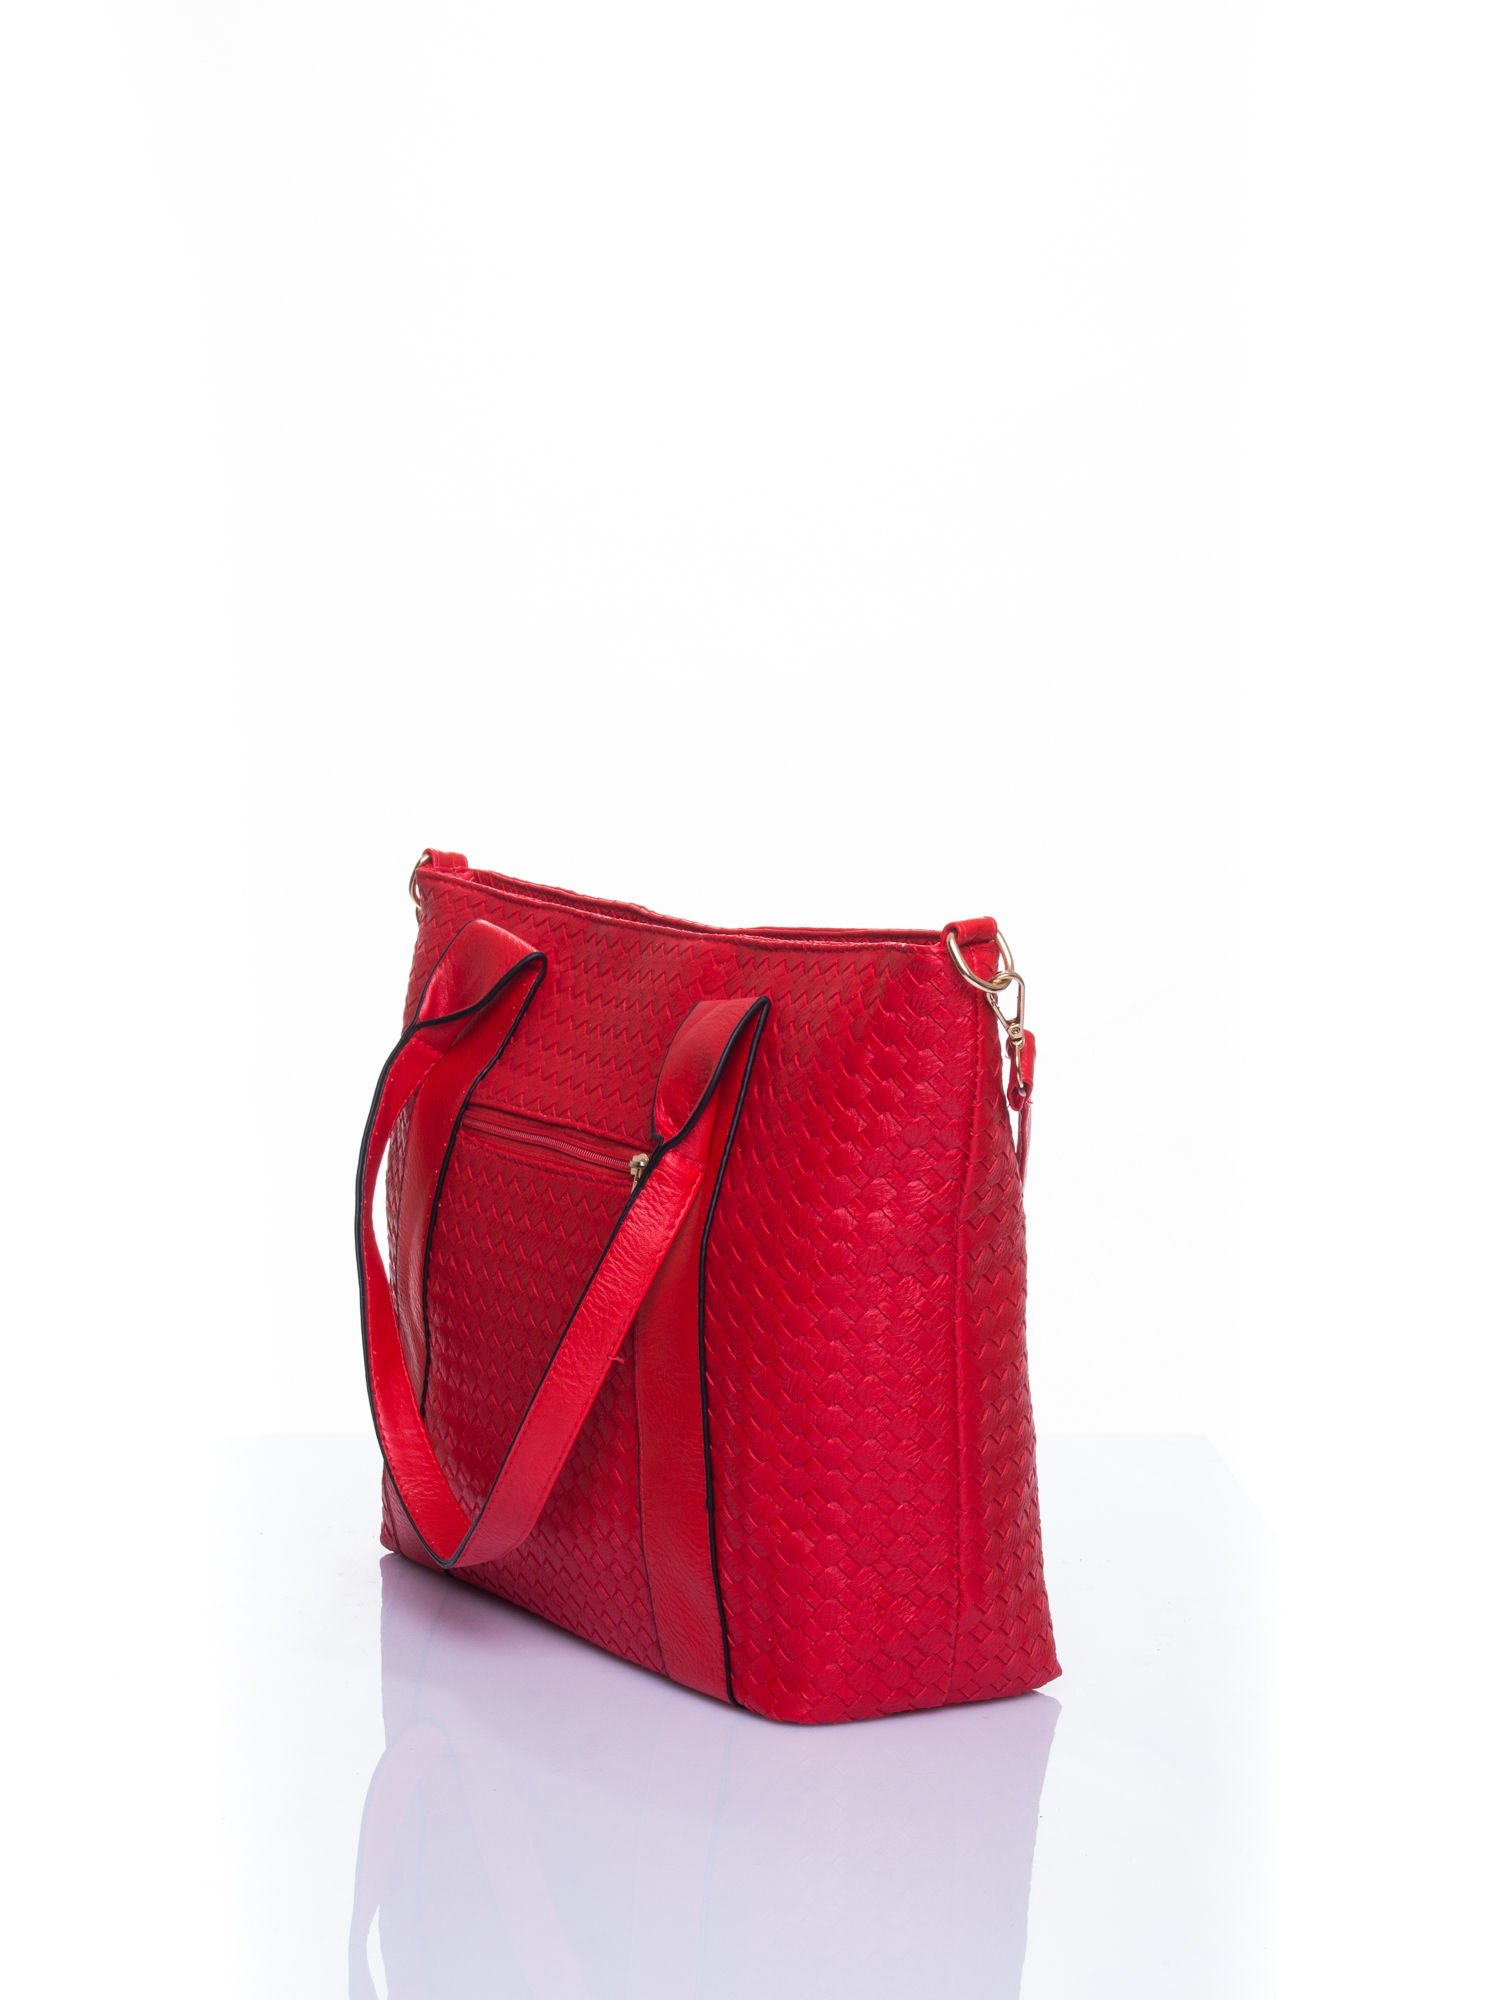 Czerwona pleciona torebka z suwakami                                  zdj.                                  4